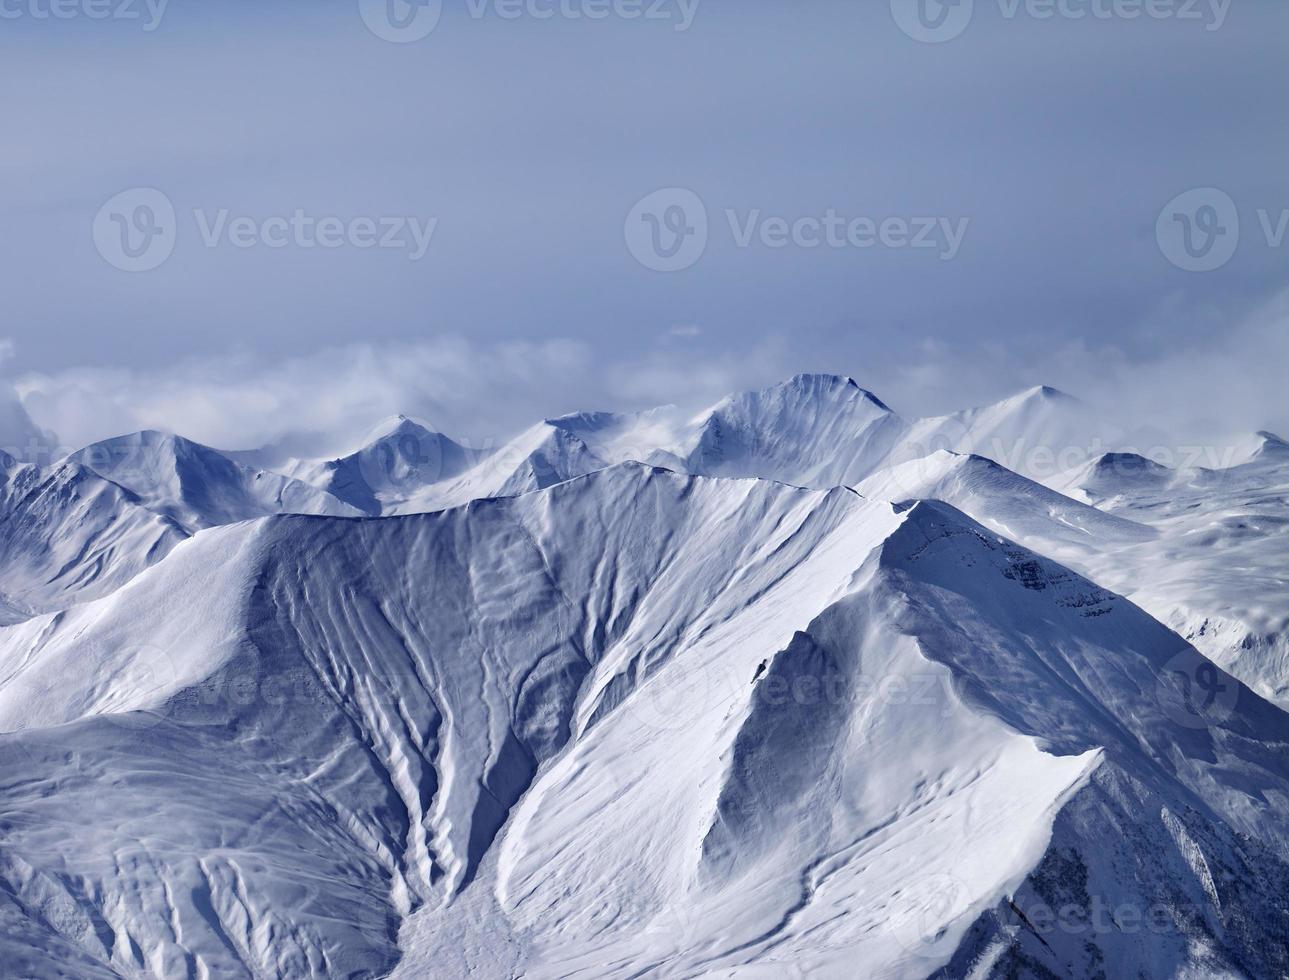 montagnes enneigées dans la brume photo